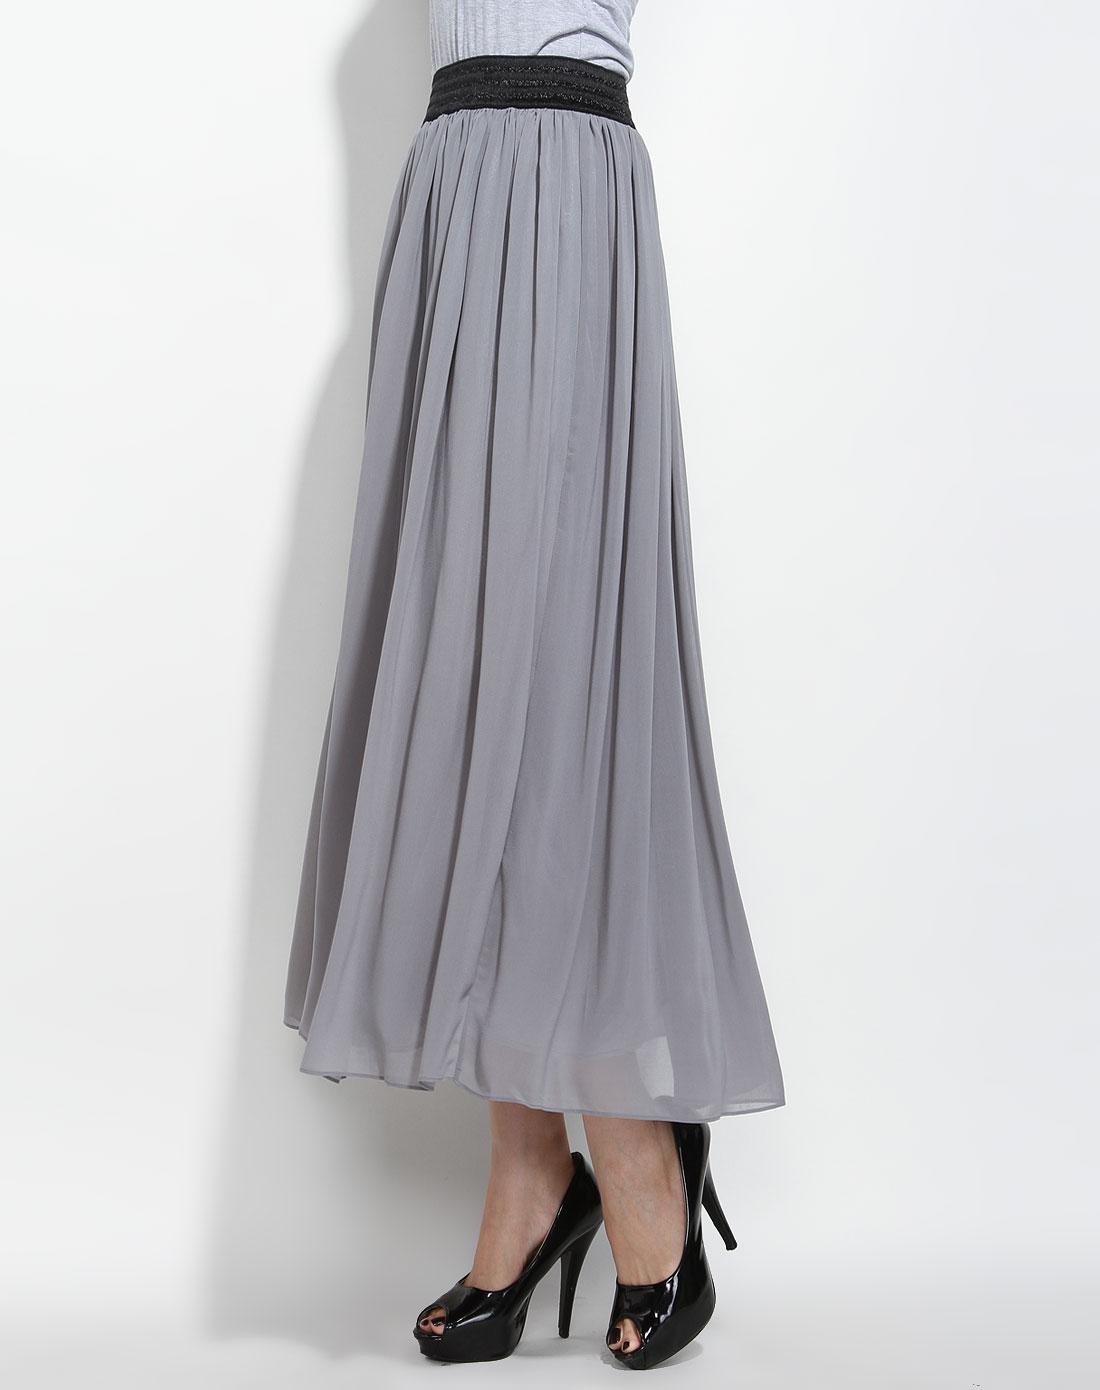 灰色百褶长裙2331505335